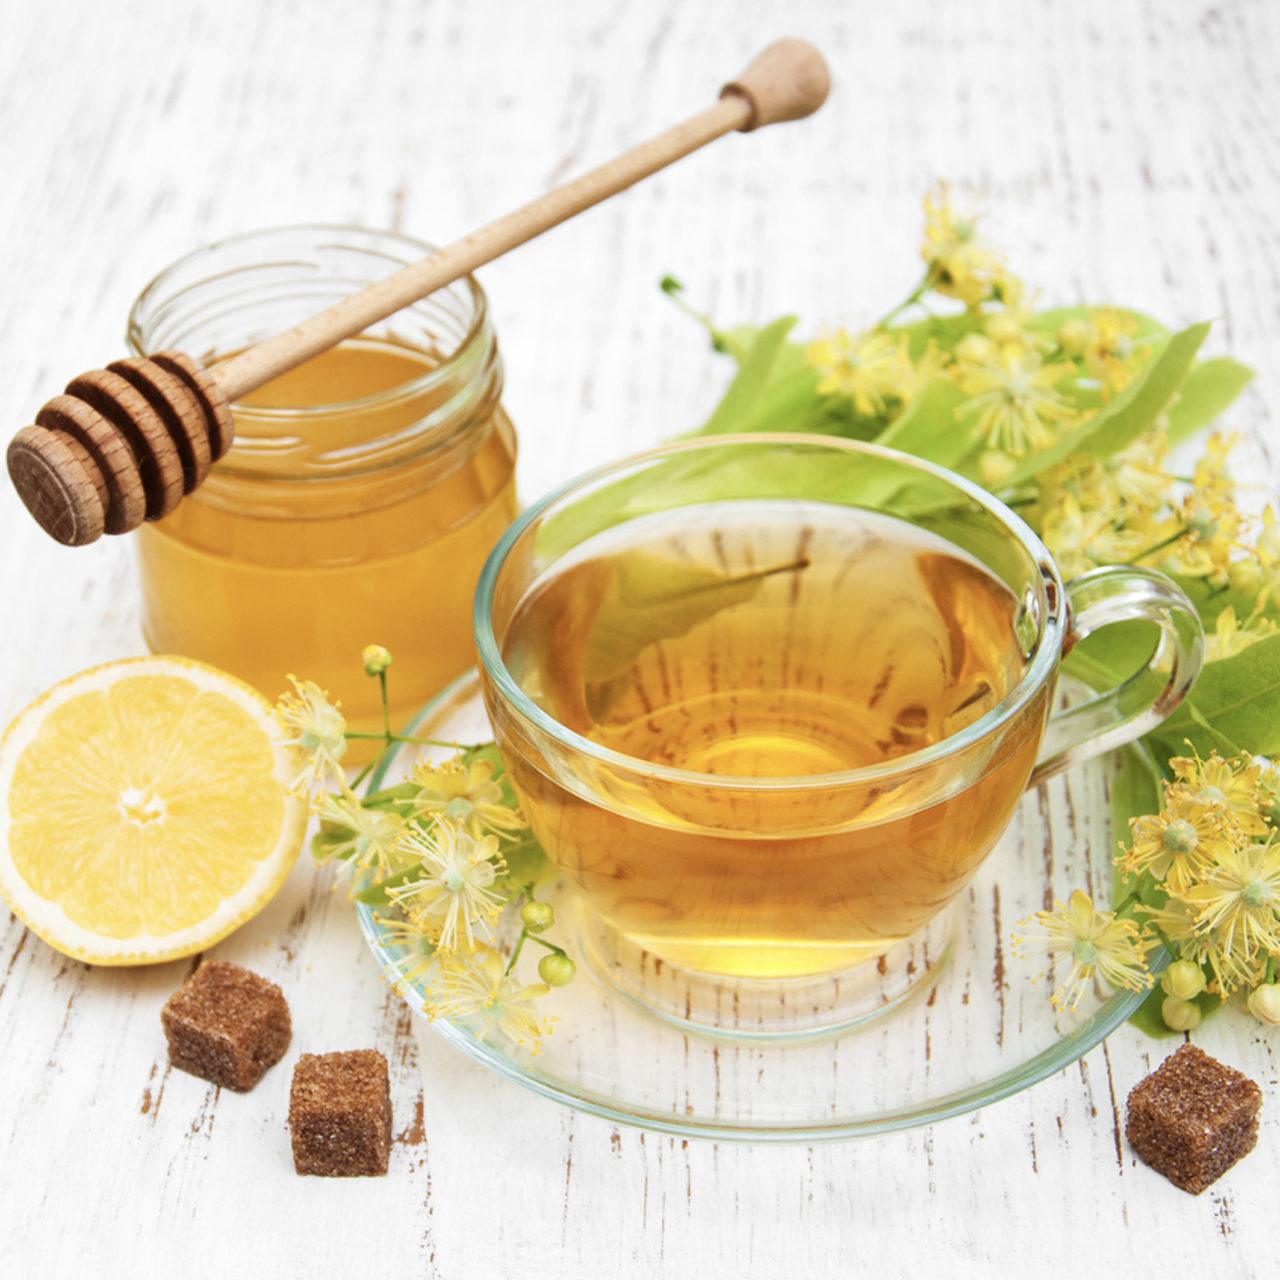 Bu dönemde bol sıvı tüketmek, düzenli beslenmek kadar önemli. Bol bol su içmenin yanı sıra bitki çayları da tüketilmeli.